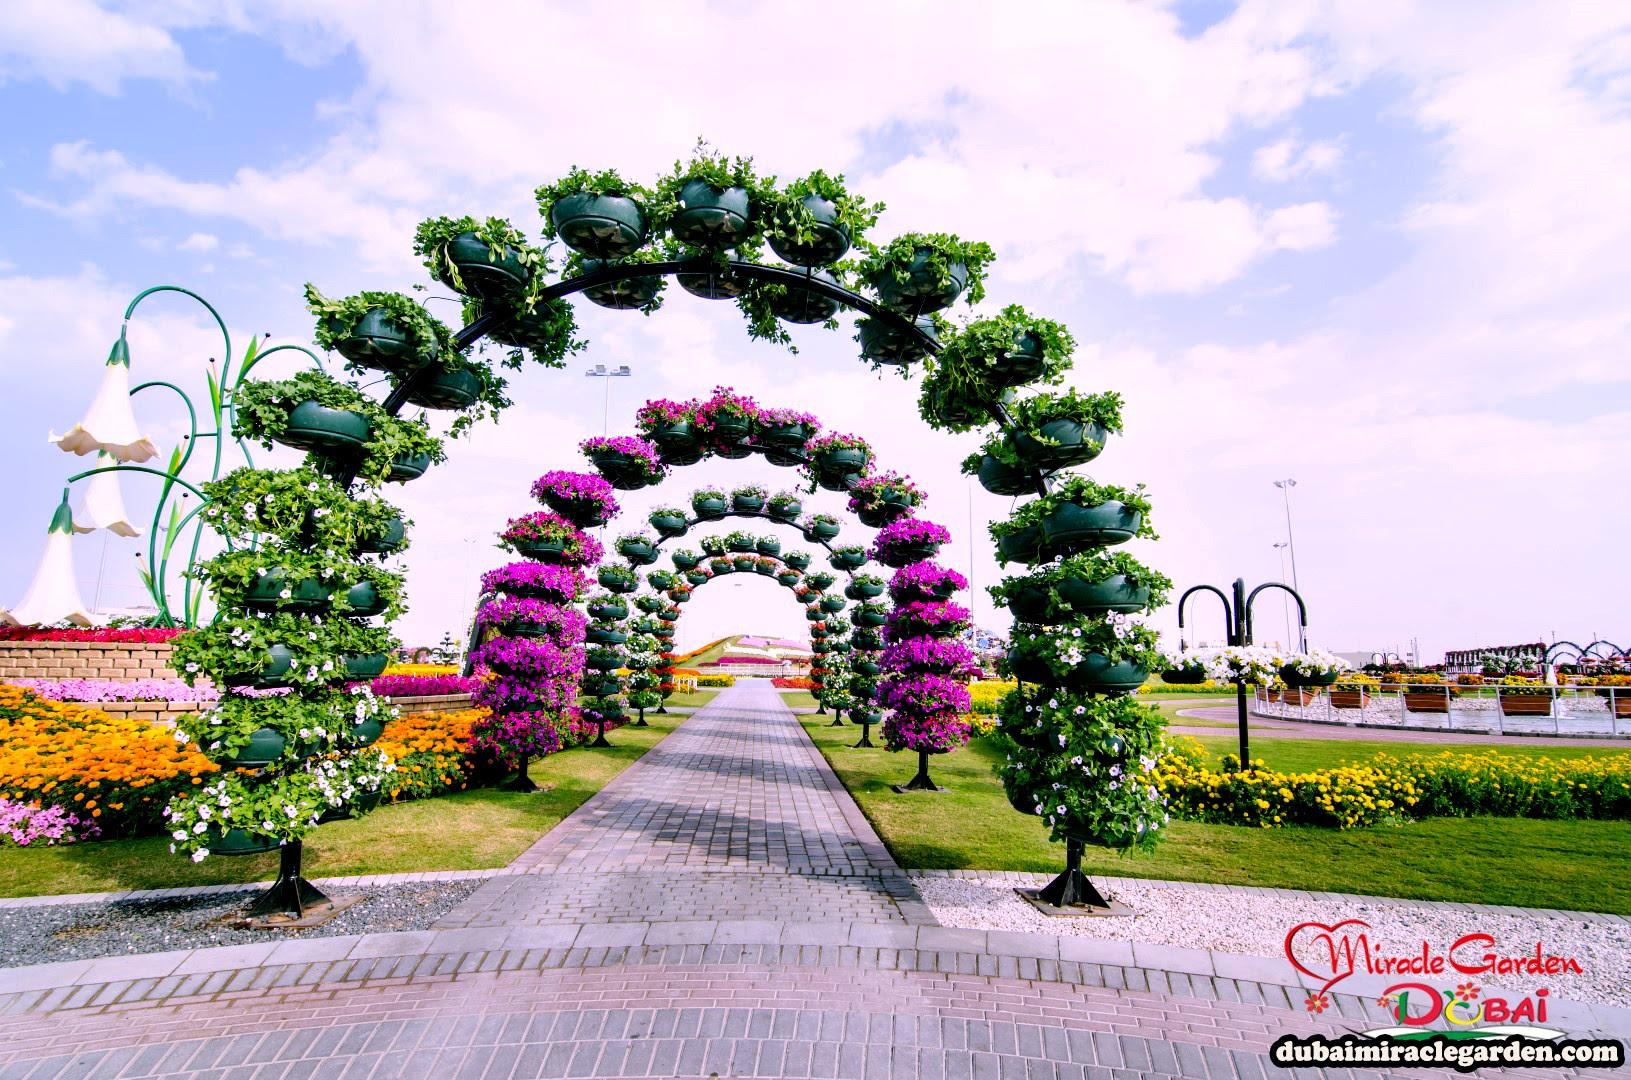 Dubai Miracle Garden 26